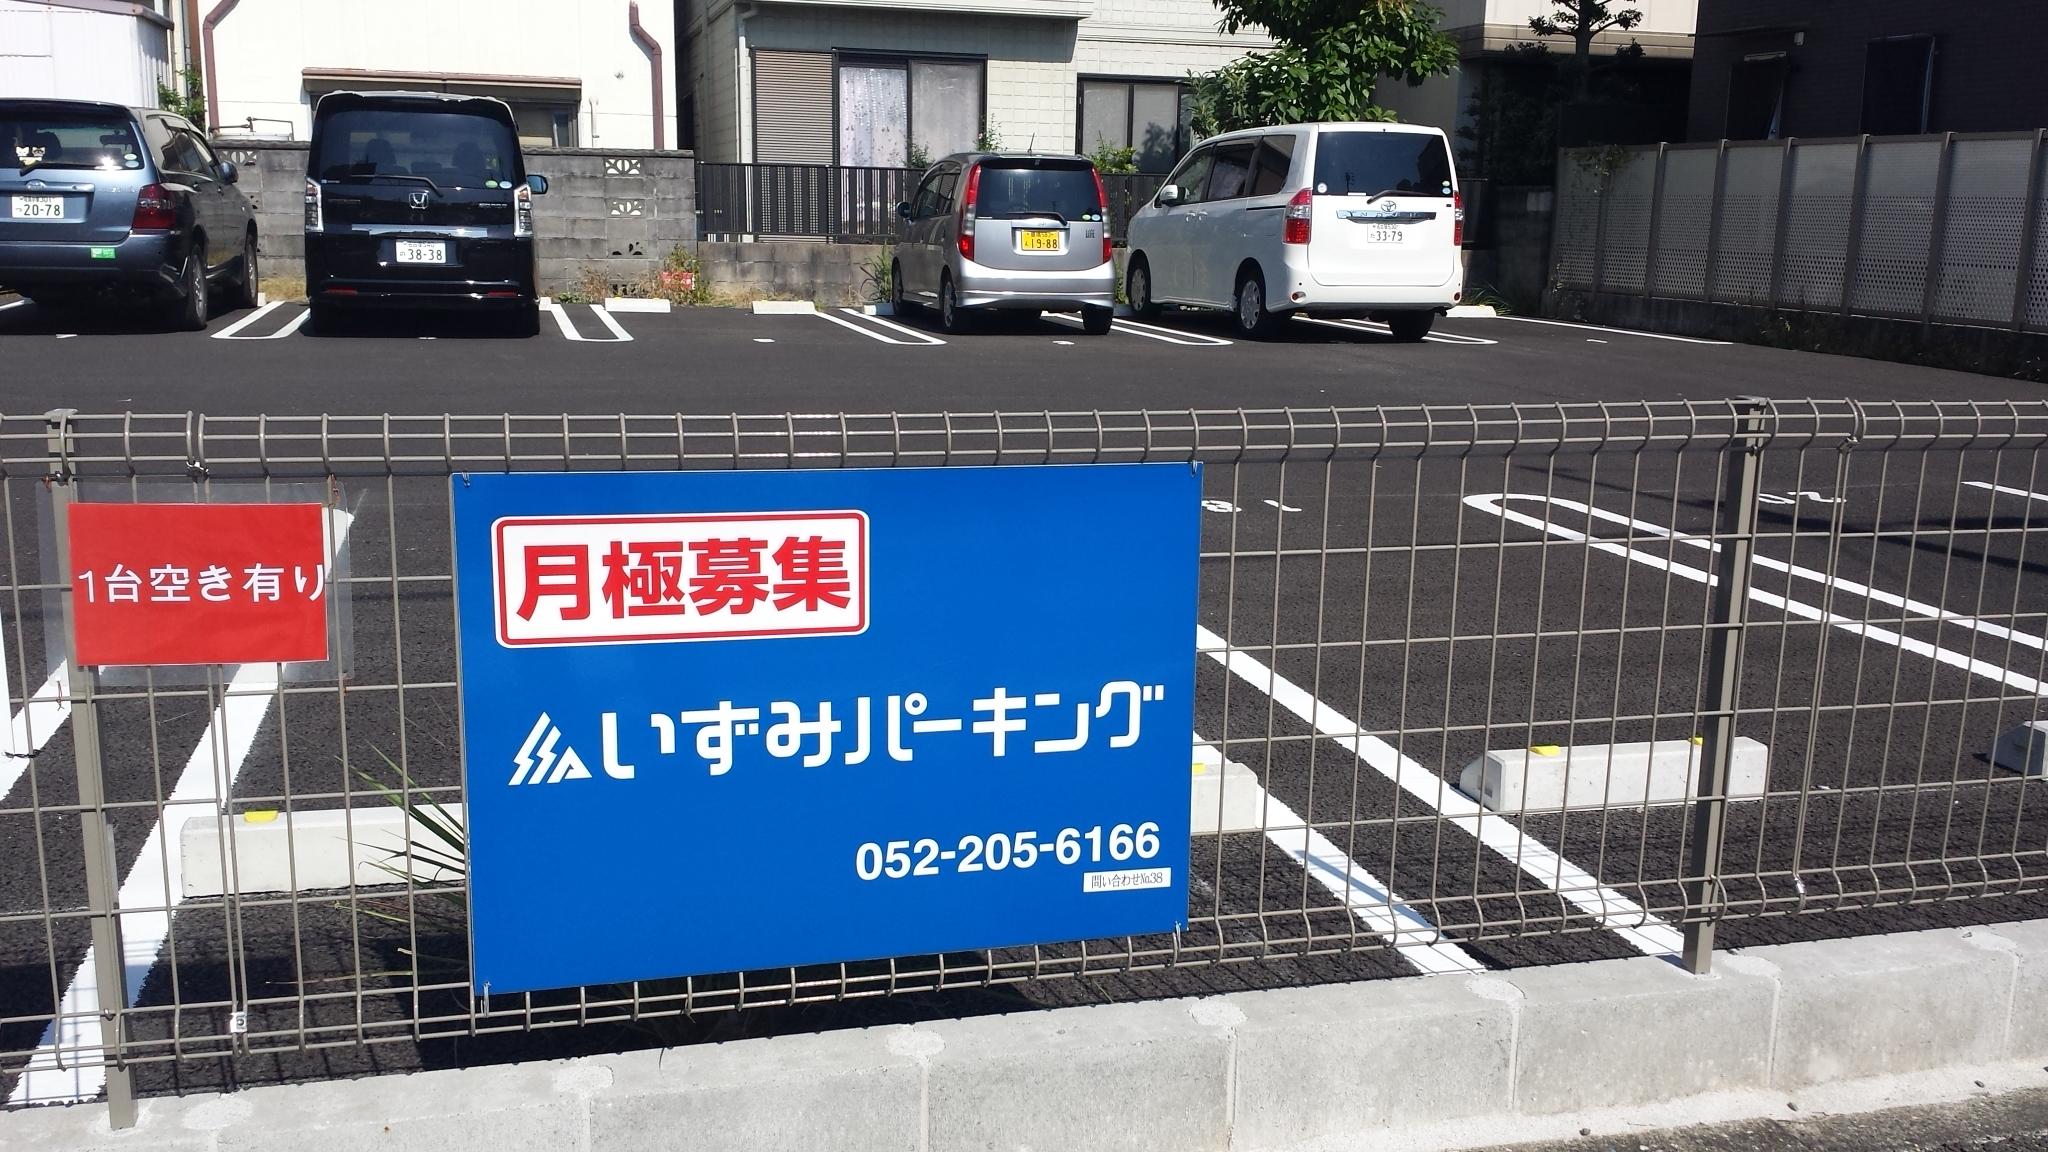 モリシマ辻町駐車場